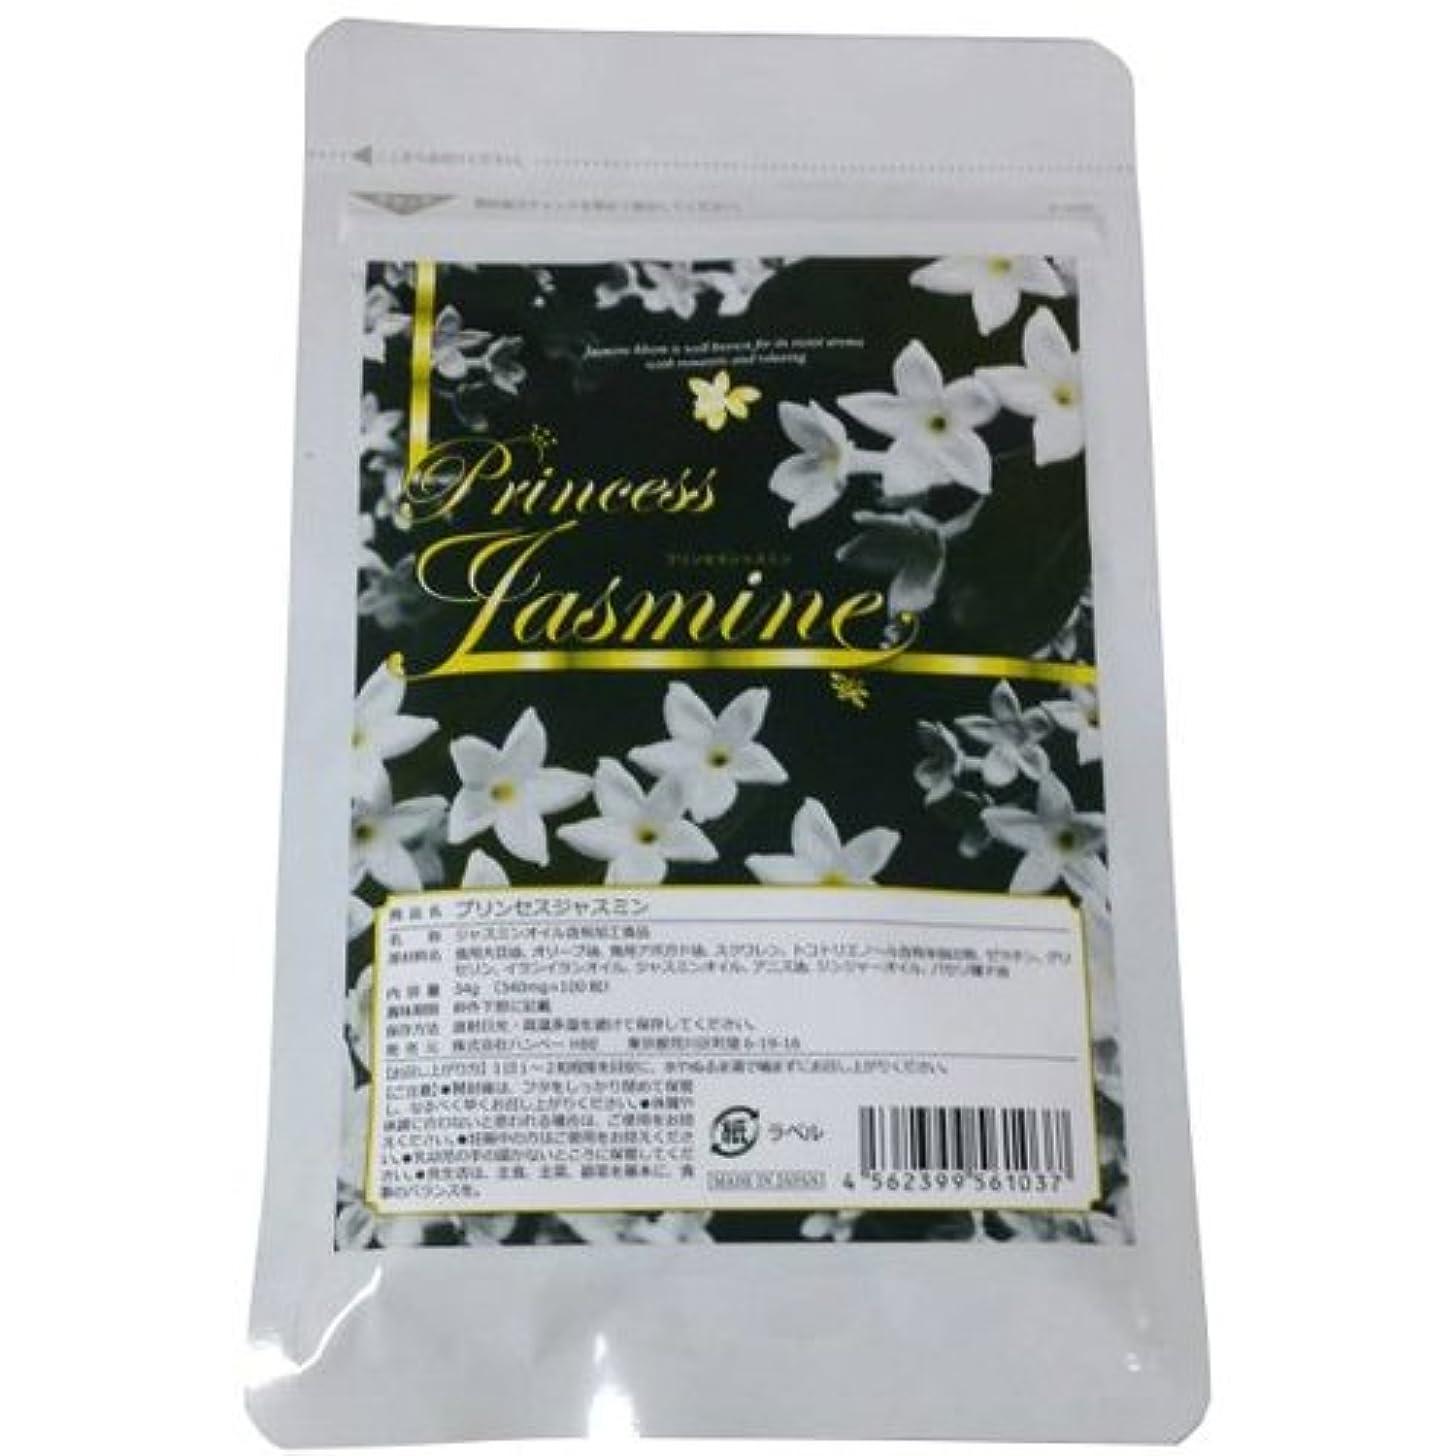 チョップ擬人いわゆるプリンセスジャスミン 34g(340mg×100粒)